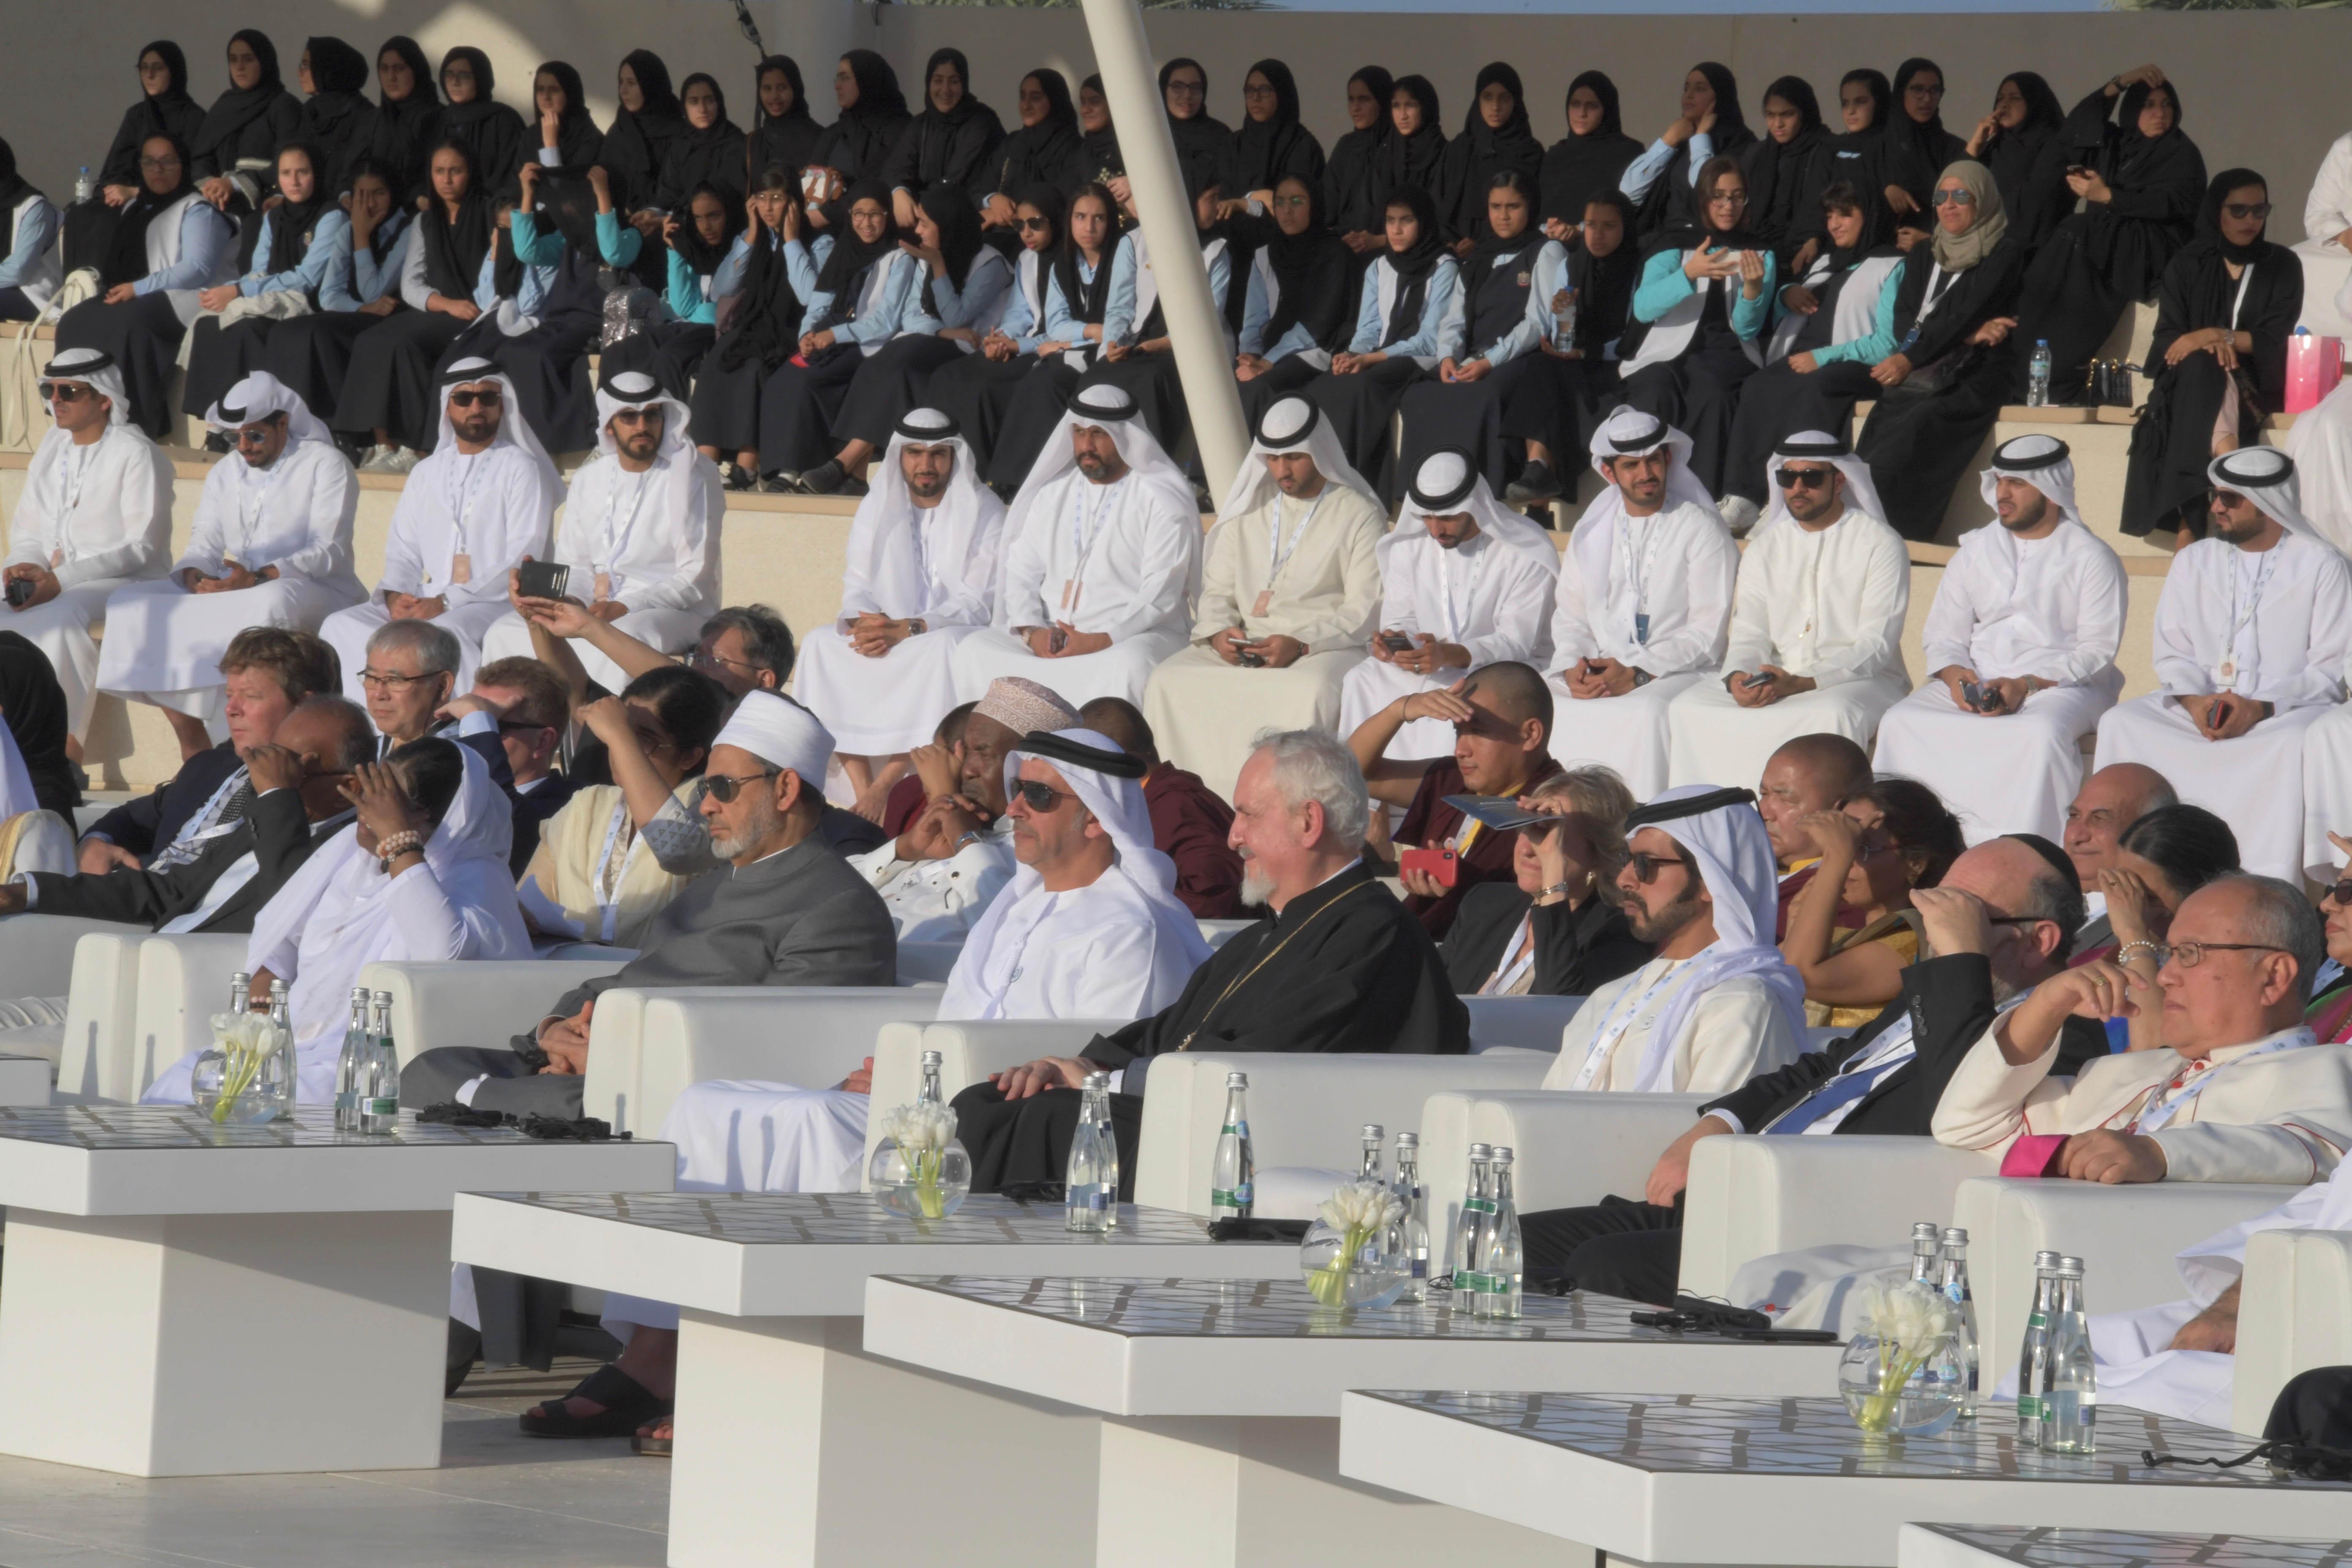 Saif bin Zayed assiste à l'approbation de la Déclaration d'Abou Dhabi par les leaders religieux à Wahat Al Karama